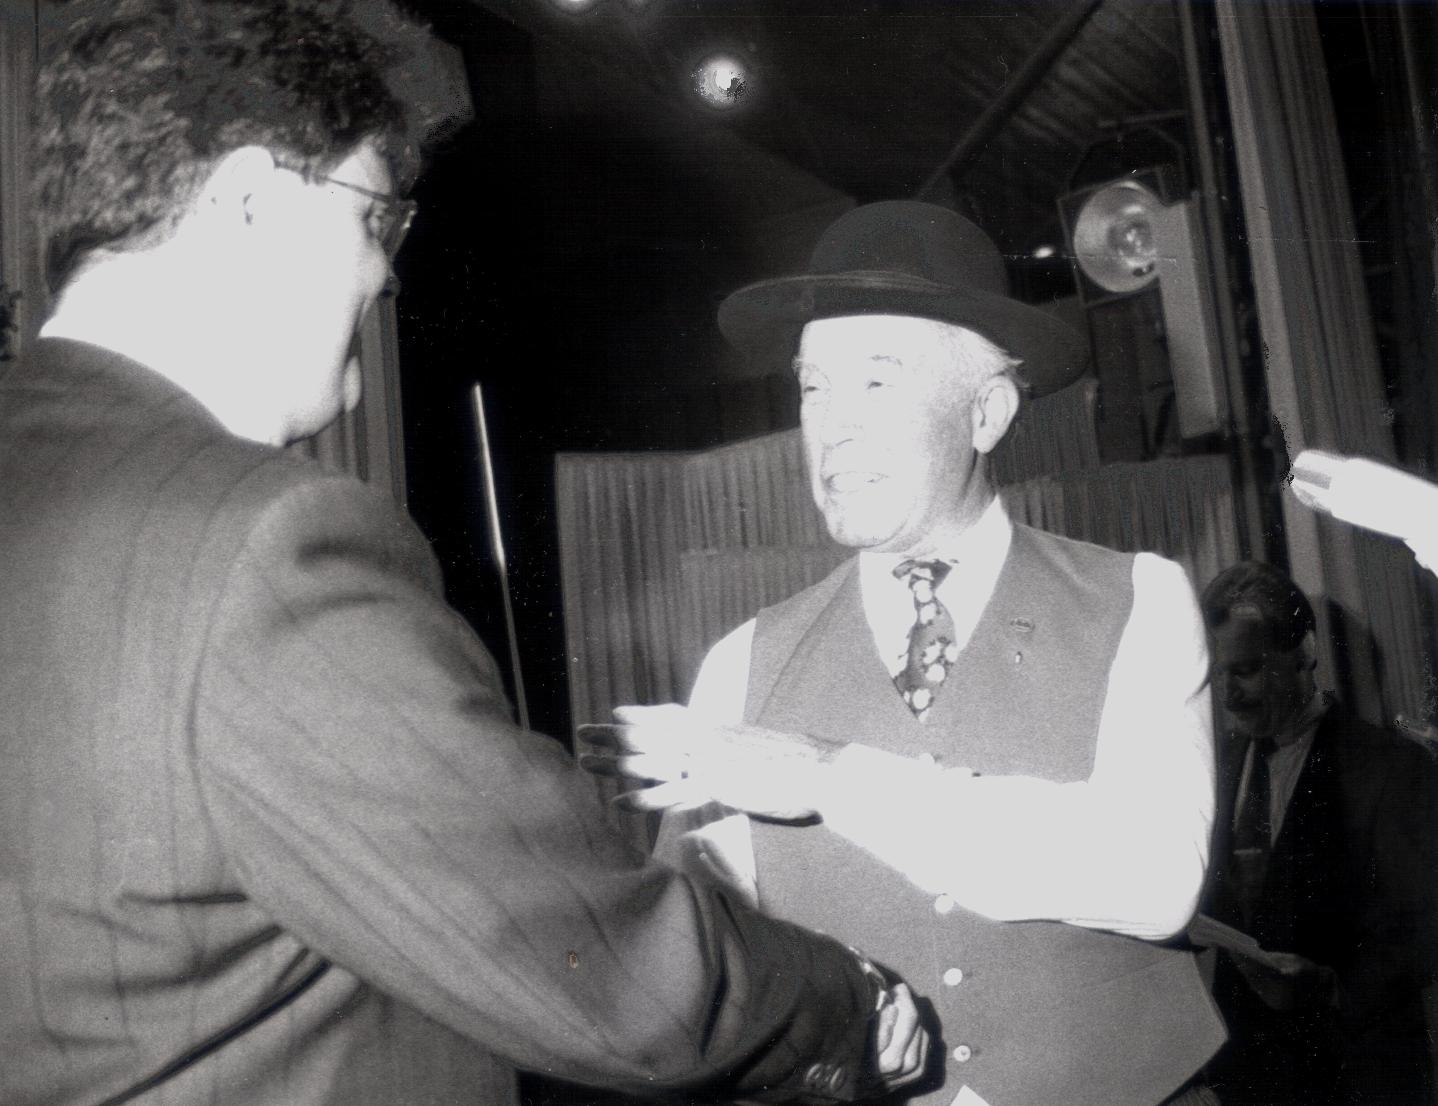 Dirigentenwechsel von Josef Asal an Bernhard Lickert - Oktober 1991